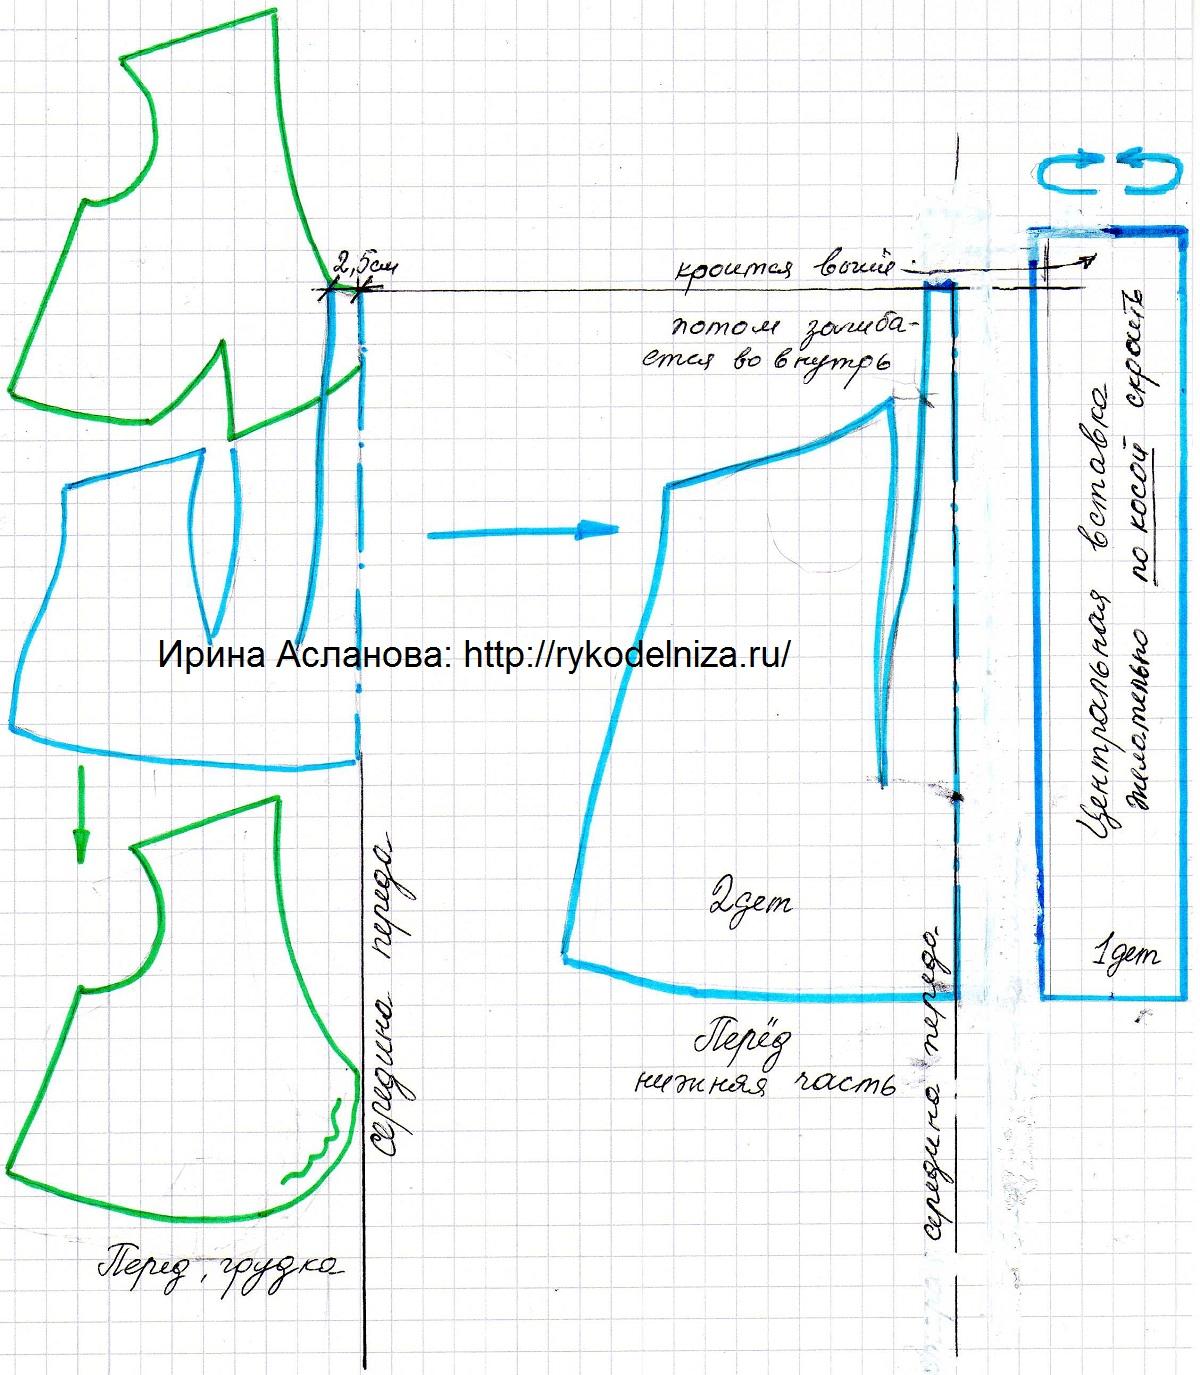 Выкройки туник любого размера - шьем быстро и легко 24